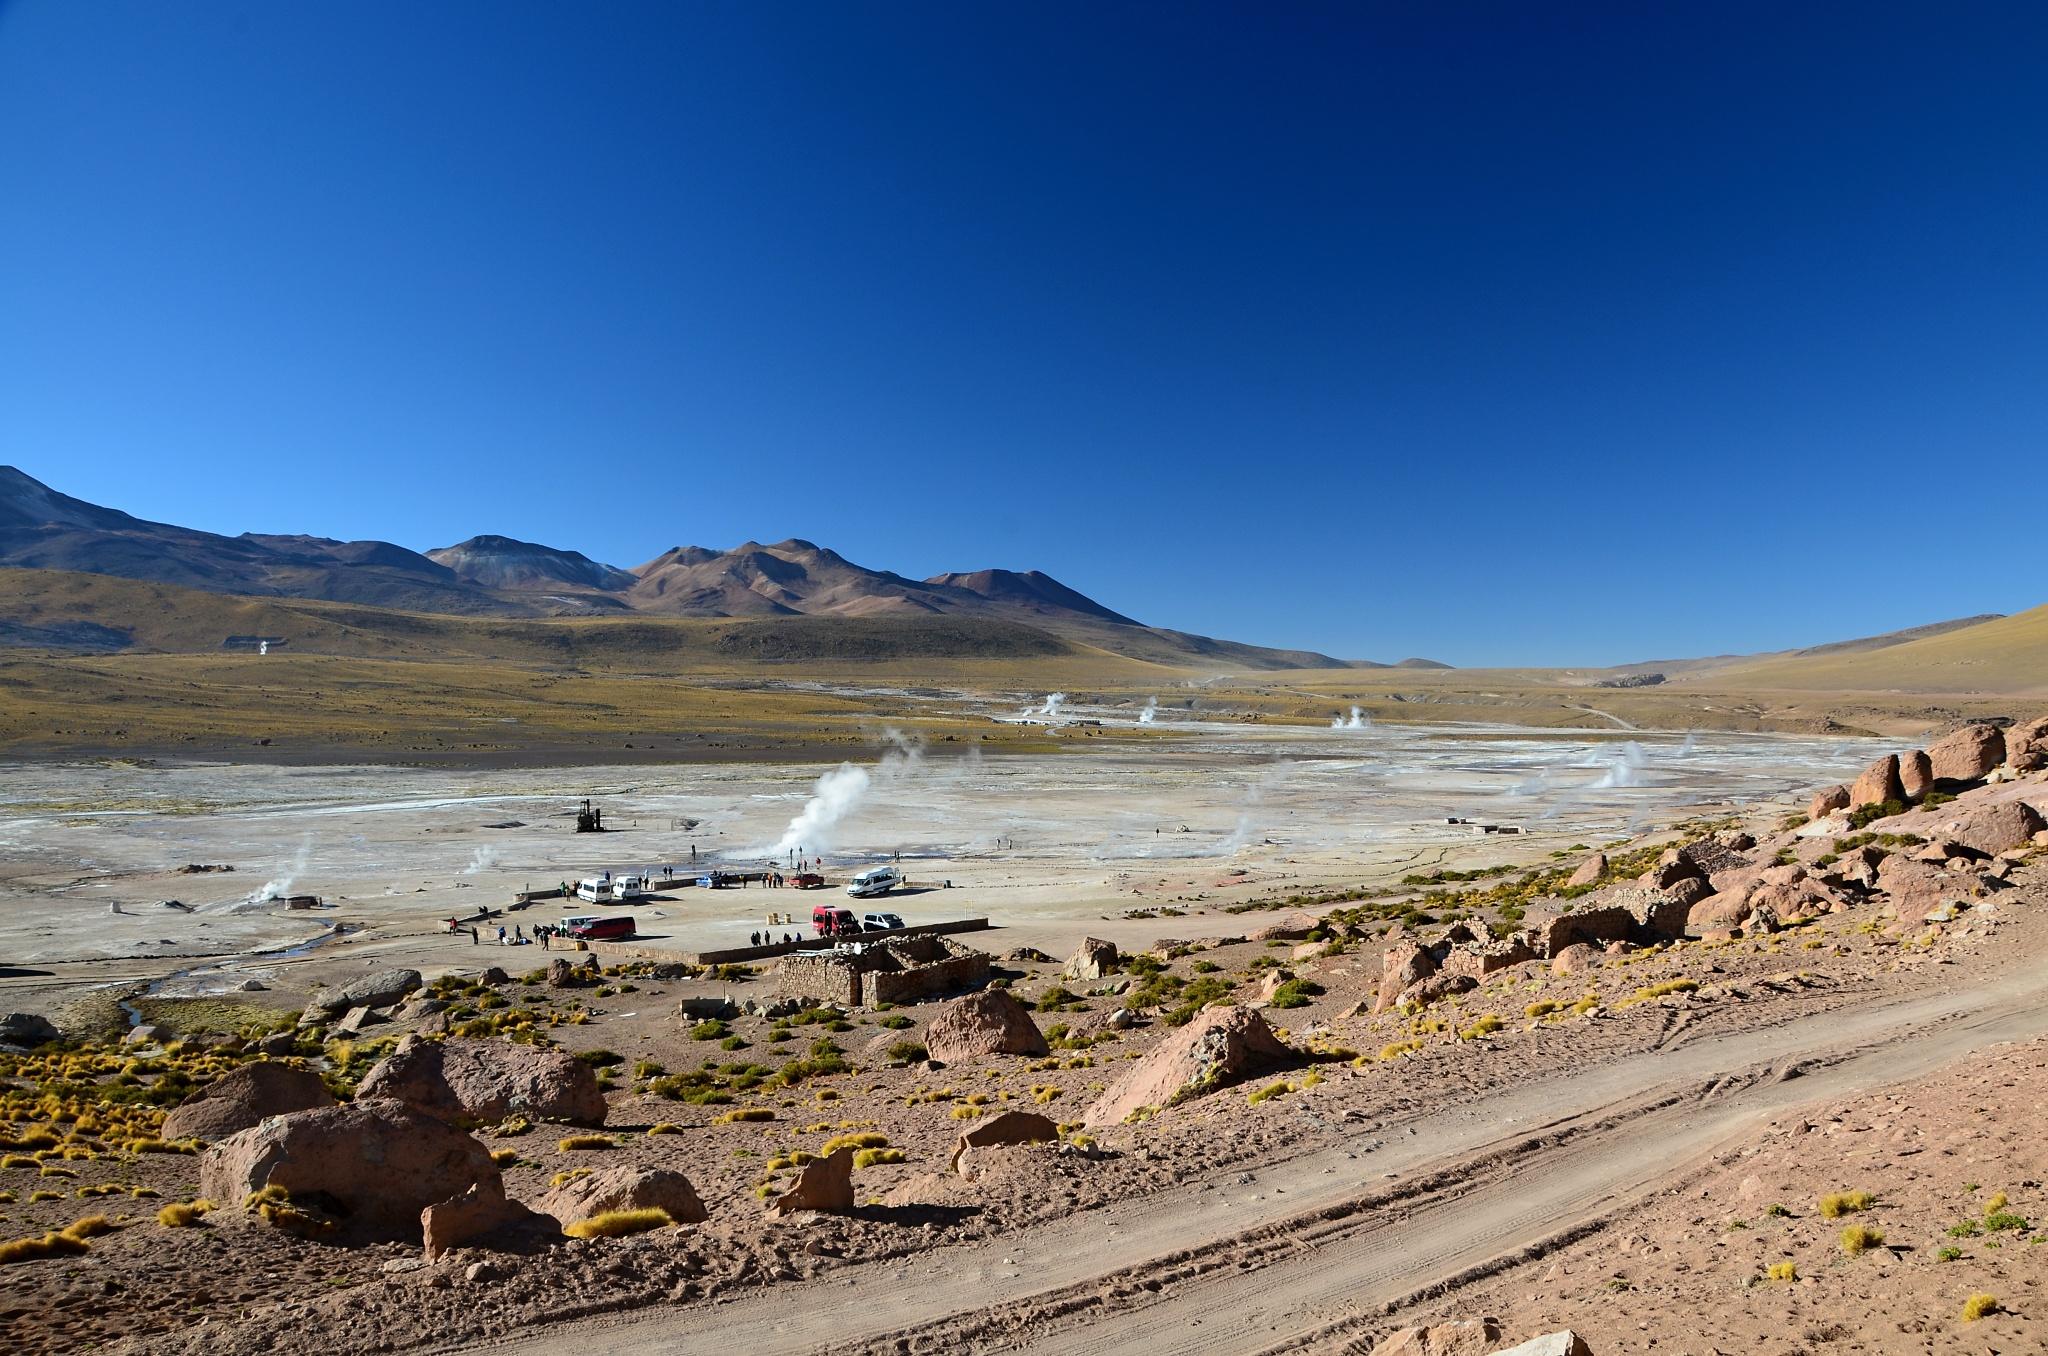 Celkový pohled na gejzíry v El Tatio z kopečku, kde jsme fotili Viskače